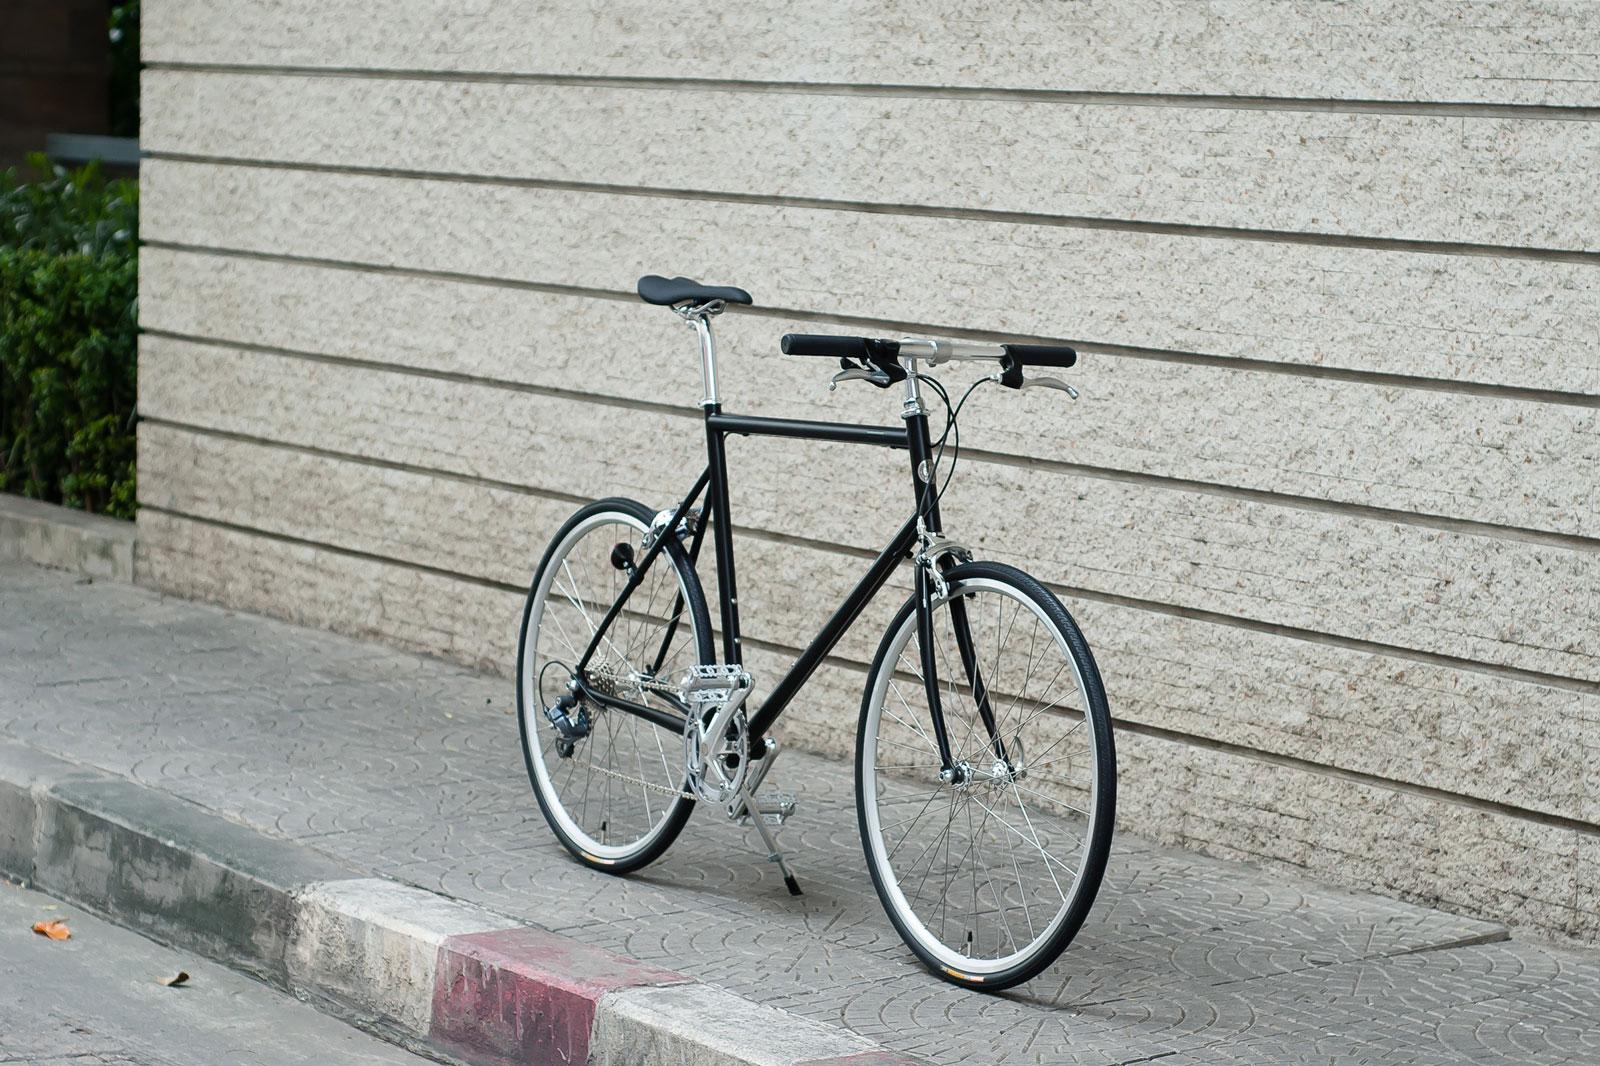 รถจักรยานรุ่น tokyobike cs sport matt black สีพิเศษ สีดำด้าน